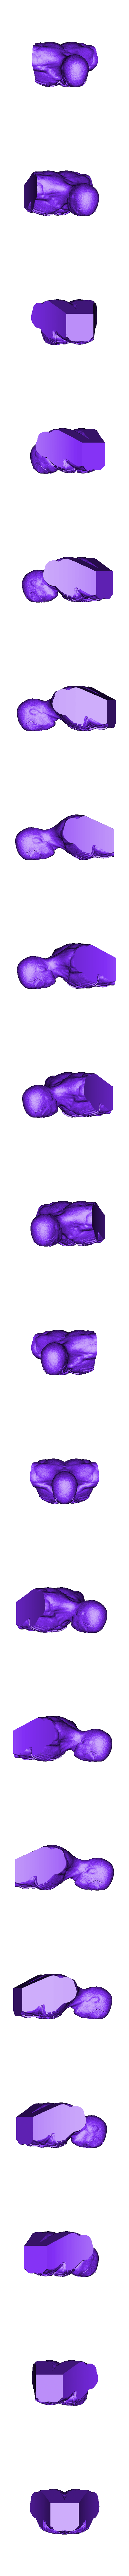 Spidey_Venomized_Bust.stl Télécharger fichier STL gratuit Buste d'un Spiderman venimeux • Design pour imprimante 3D, BODY3D